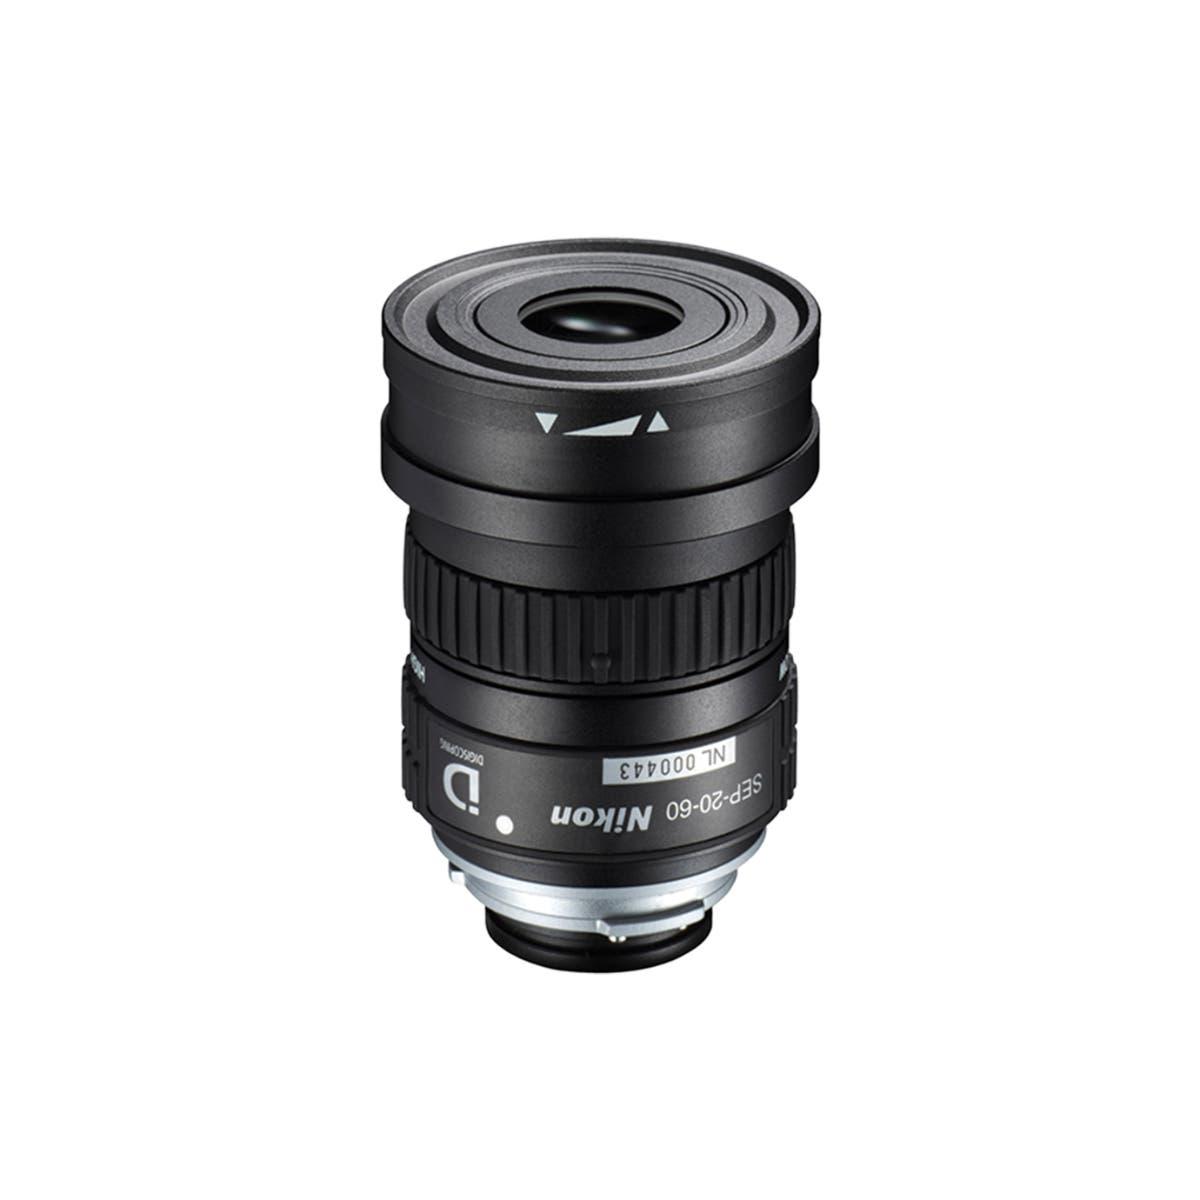 SEP-20-60 Zoom Eyepiece for PROSTAFF